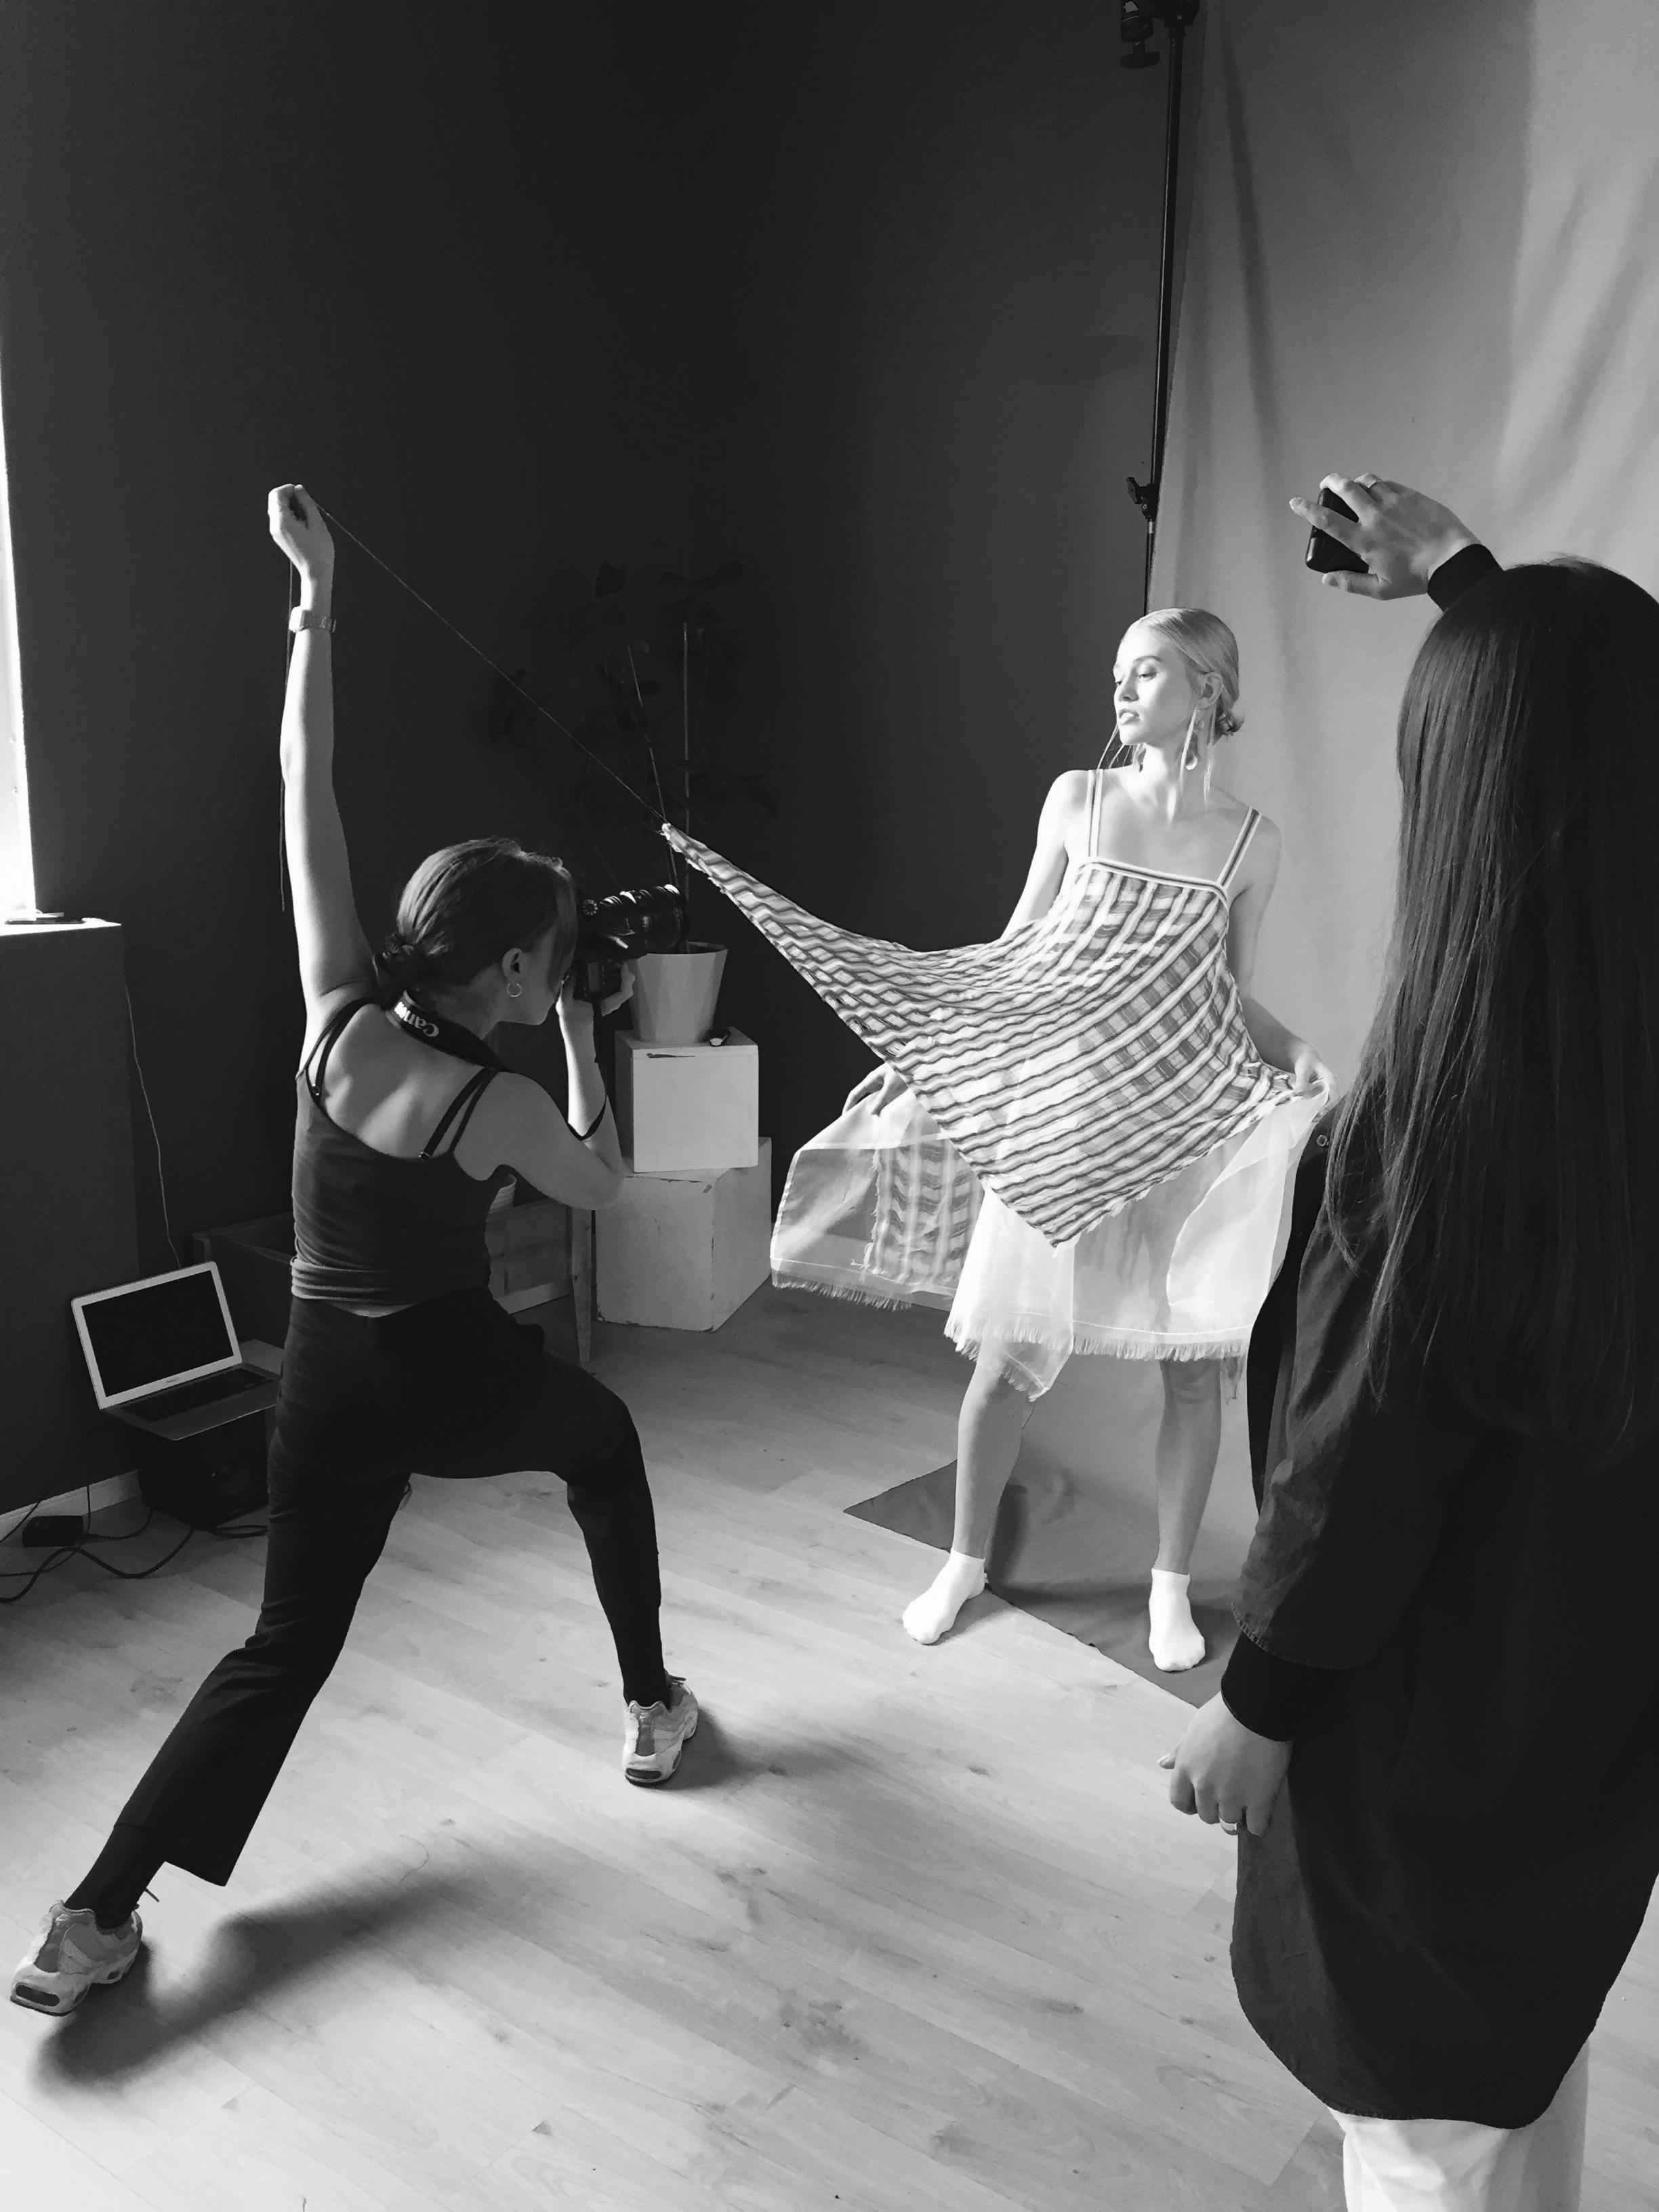 Photoshoot with the photographer Ida Fiskaa